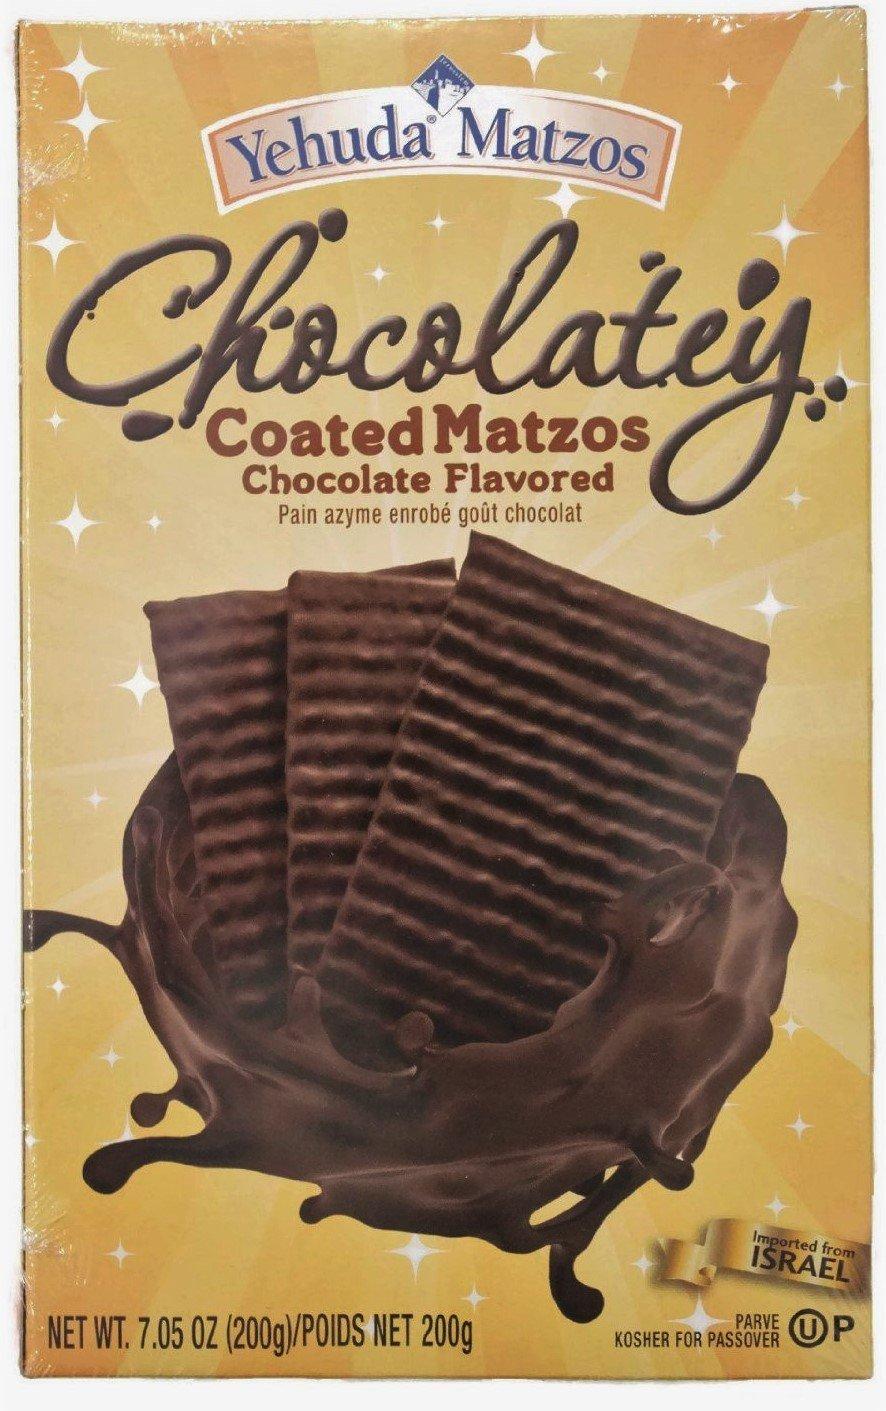 yehuda chocolatiy